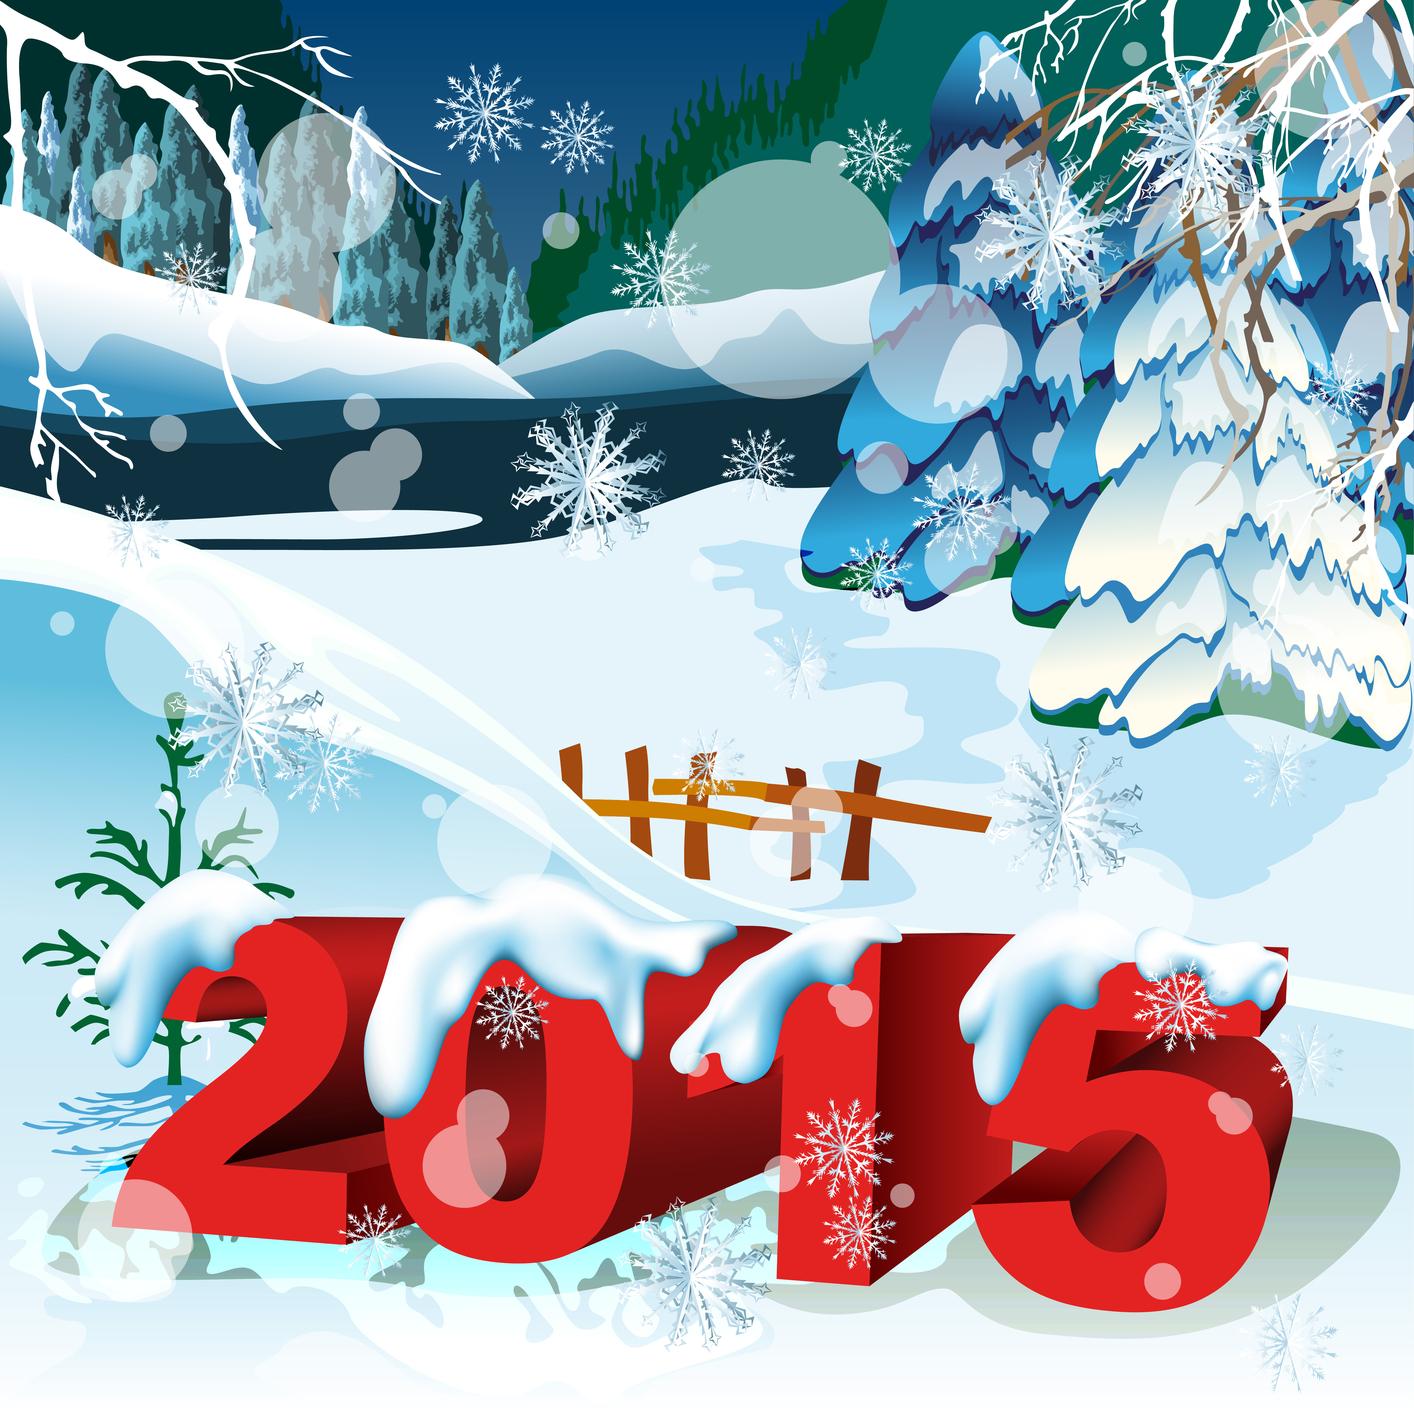 ♪♫♪QUE YA VIENE EL AÑOOOOO NUEVOOOOOOOOO ¡FELIZ AÑO NUEVO 2015!♪♫♪ Im%C3%A1genes%2Bde%2BNavidad,%2BNochebuena%2By%2BA%C3%B1o%2BNuevo%2B2015%2B(10)